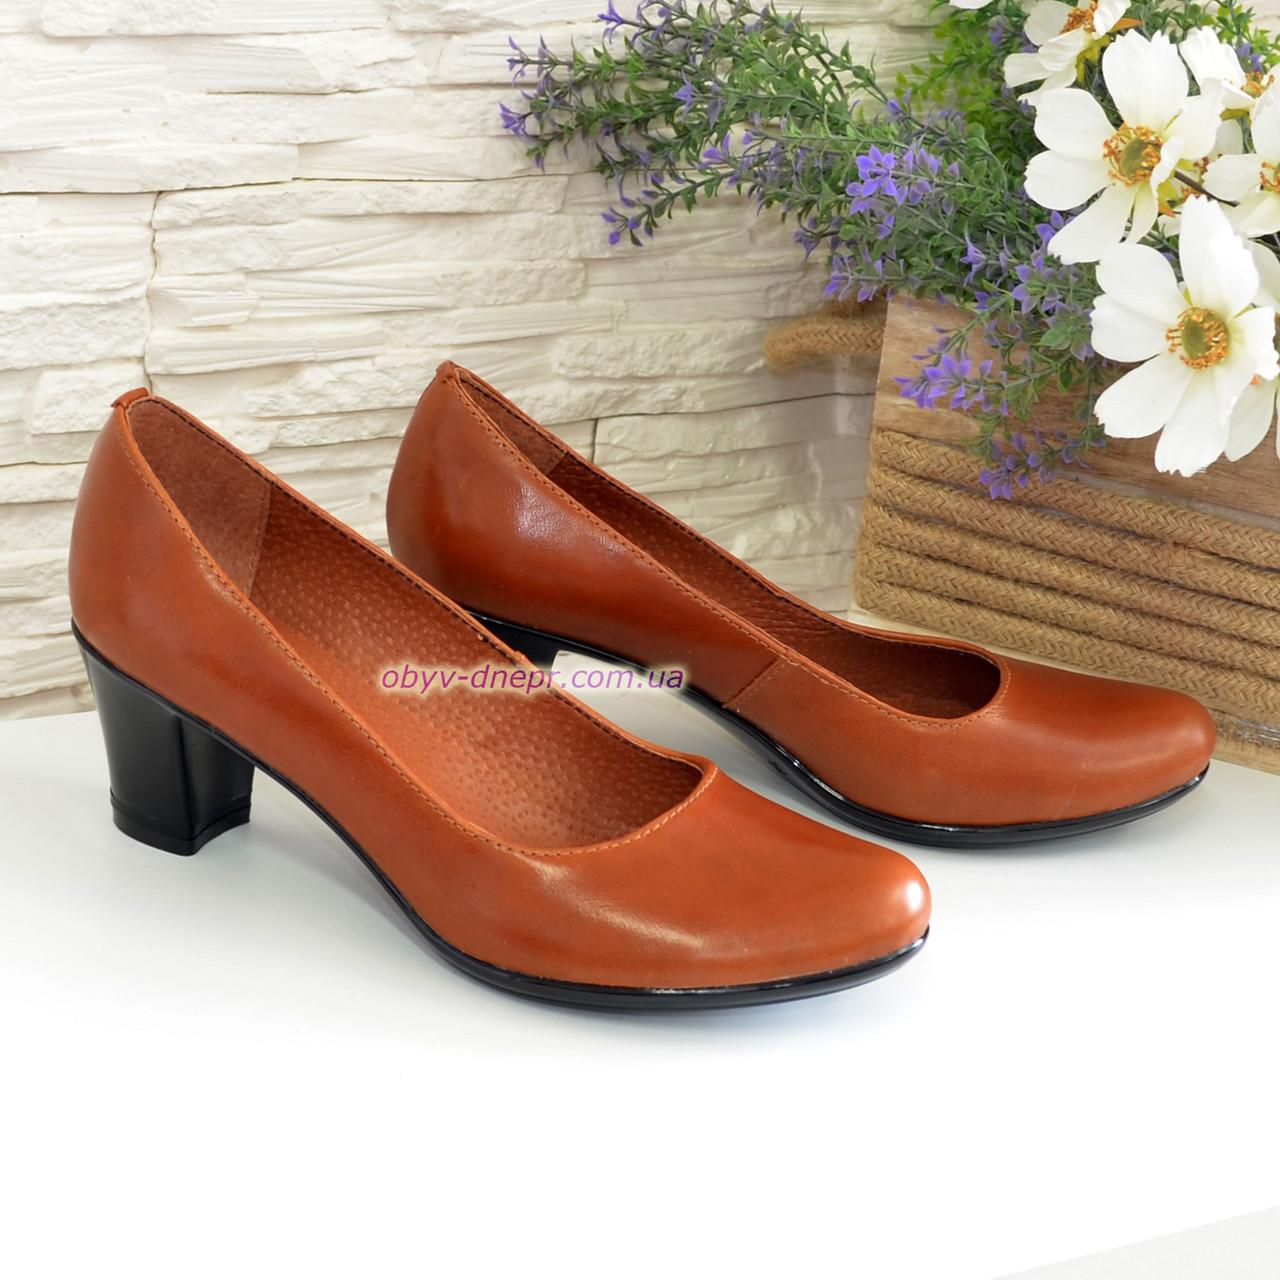 """Женские туфли на каблуке из натуральной кожи рыжего цвета. ТМ """"Maestro"""""""